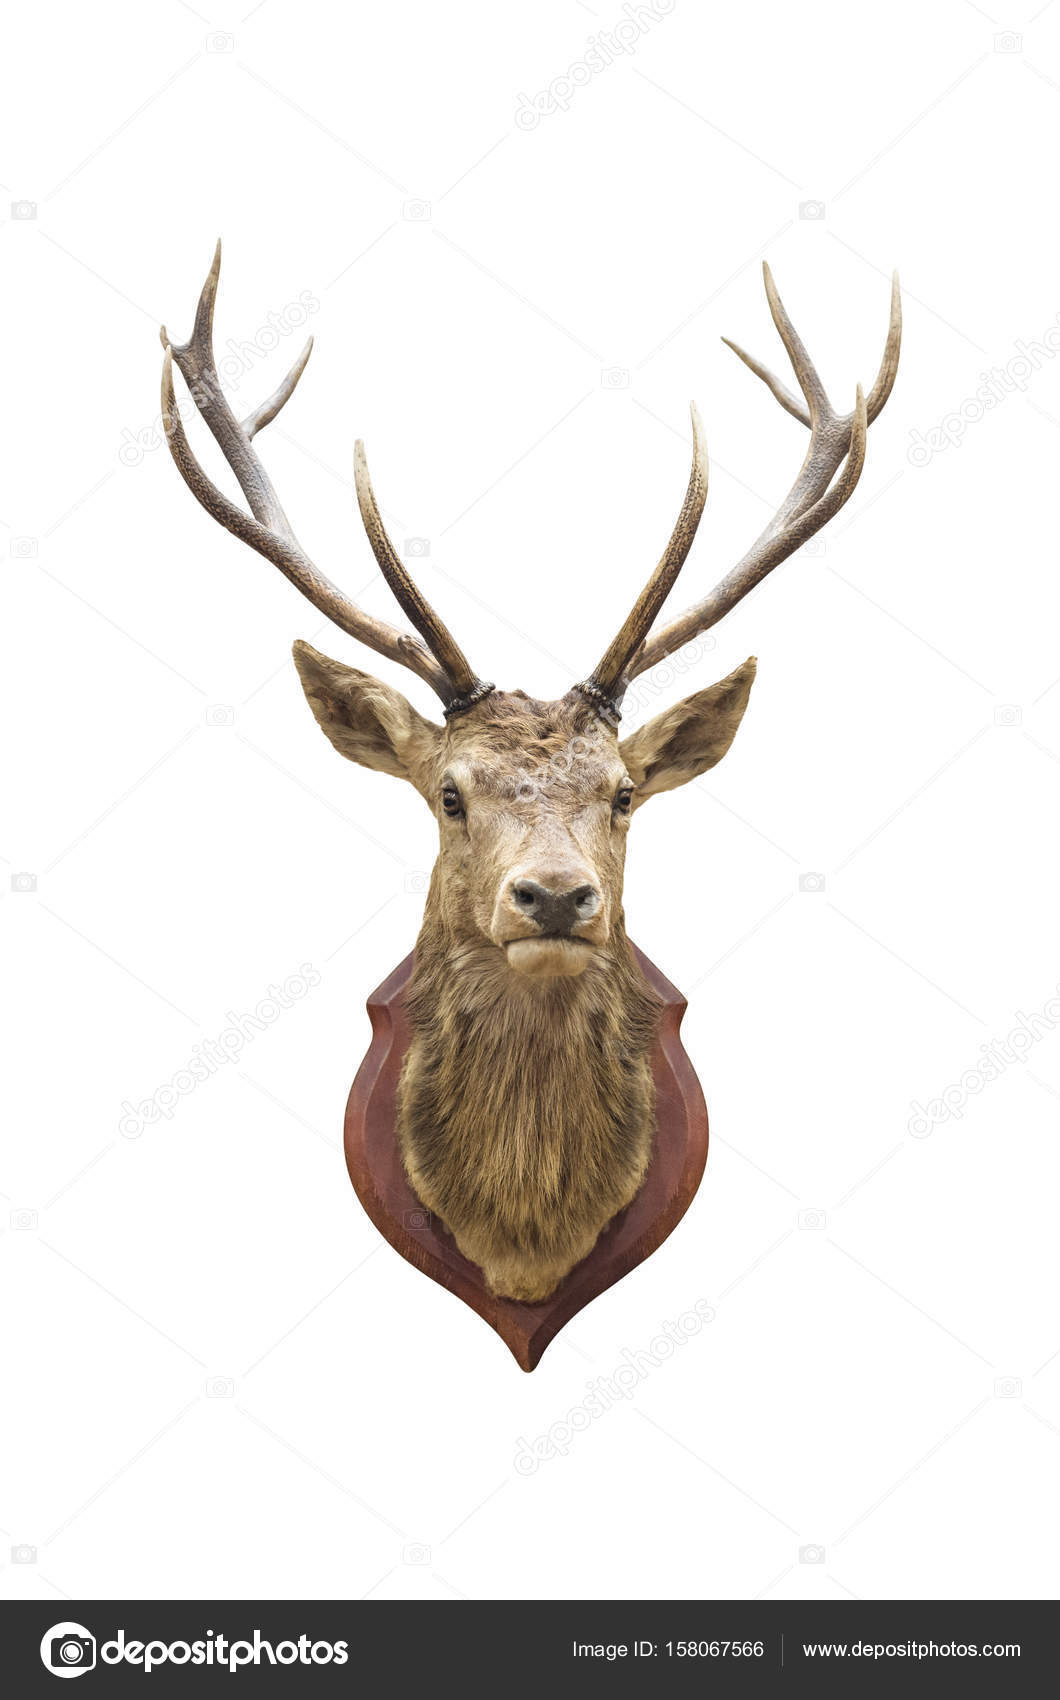 cabeza de ciervo disecado — Foto de stock © nirutdps #158067566